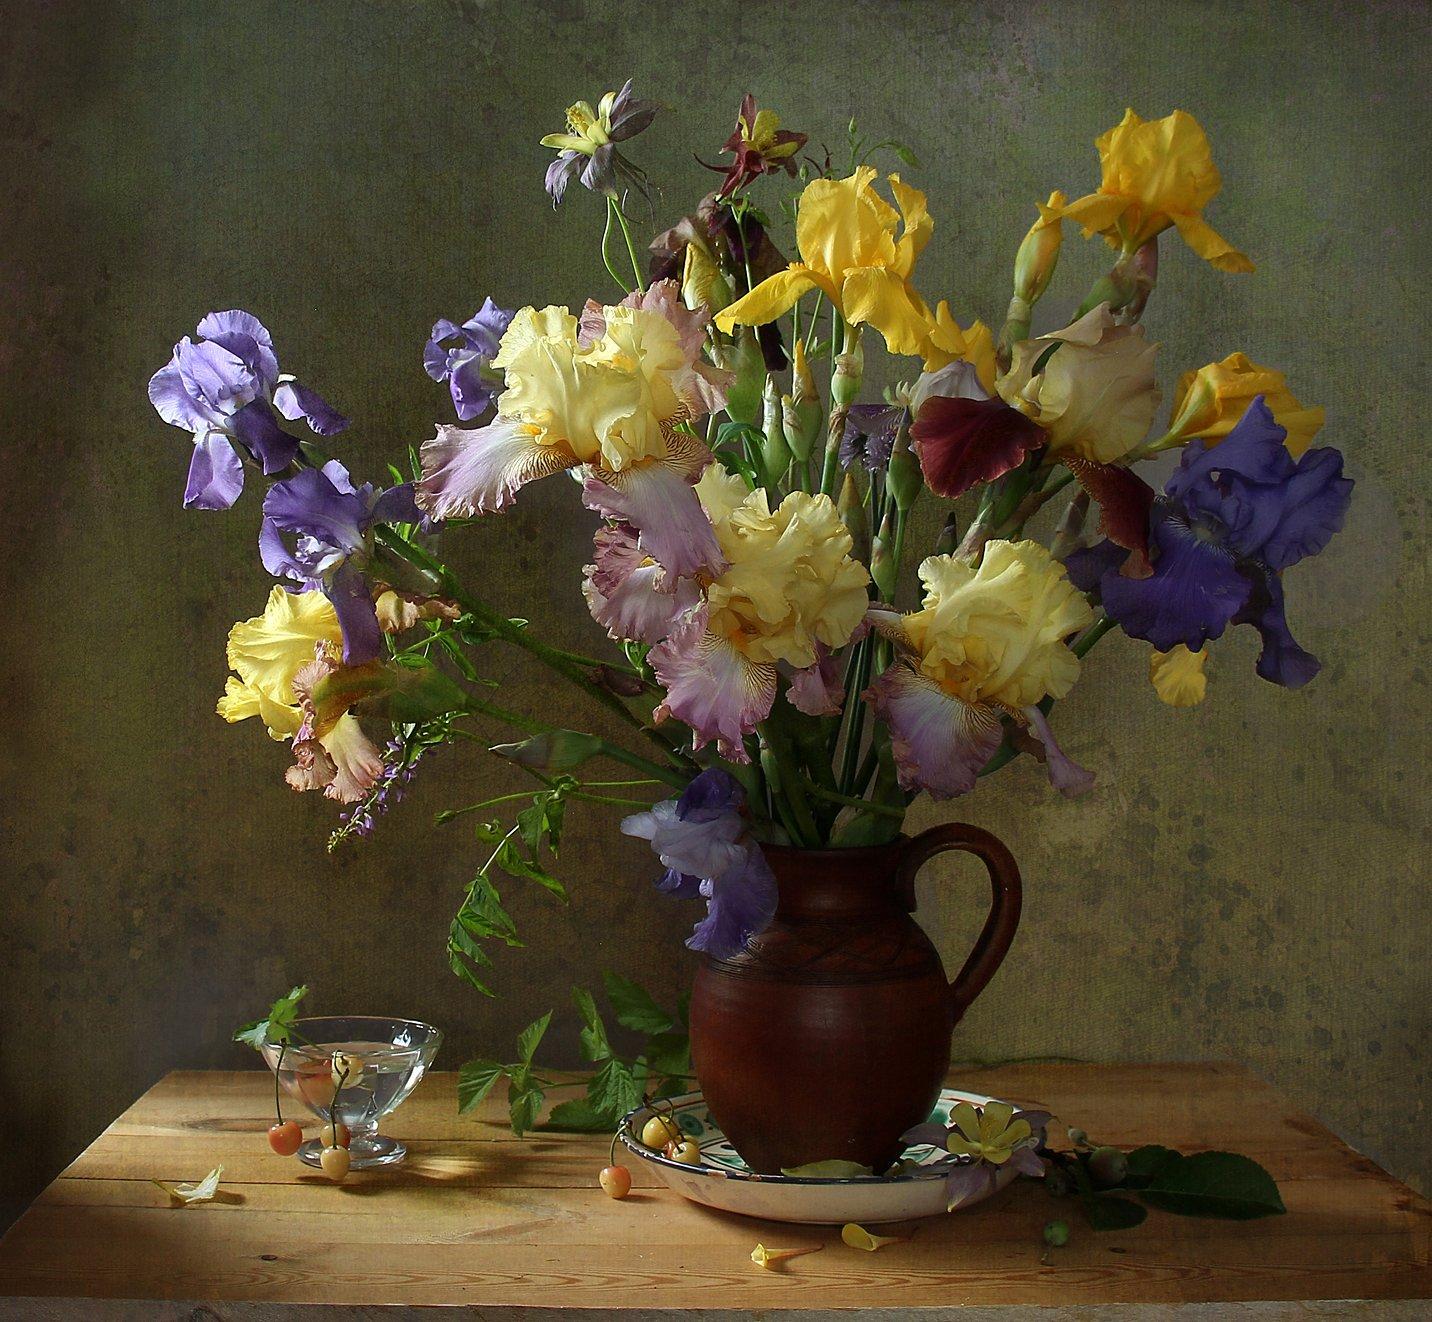 натюрморт, цветы, марина филатова, ирисы, Марина Филатова